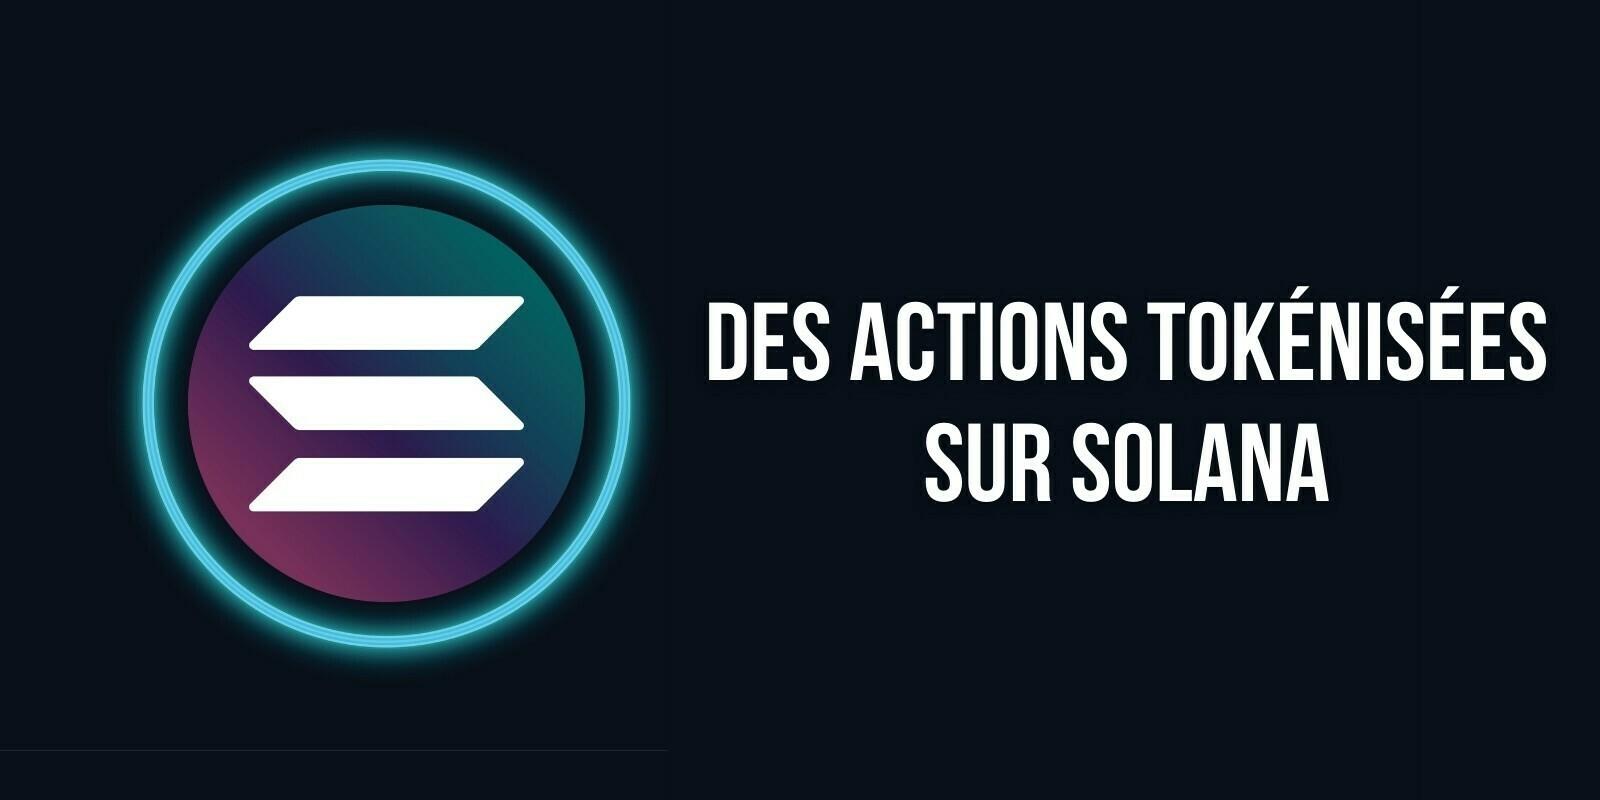 Digital Assets propose des actions tokénisées sur la blockchain Solana (SOL) sur FTX